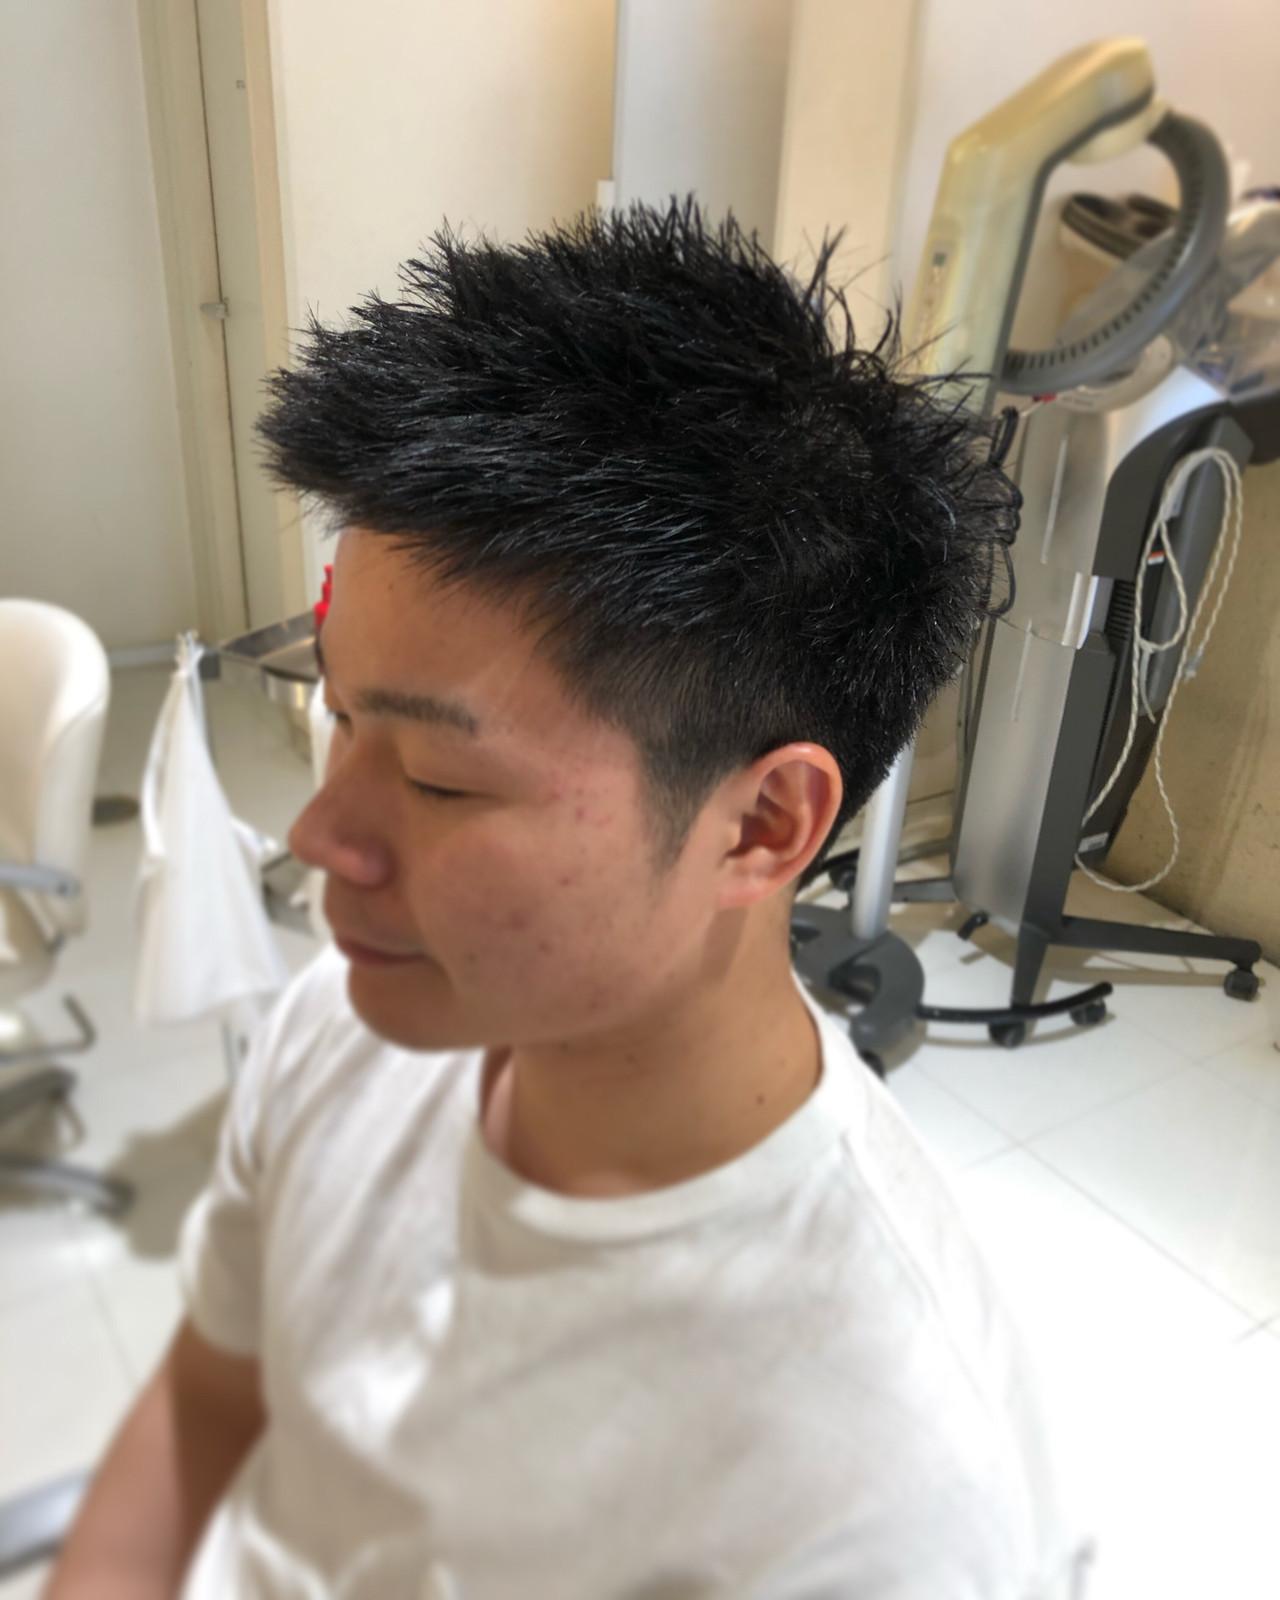 ツーブロック ショート 黒髪 刈り上げ ヘアスタイルや髪型の写真・画像 | 三好 怜志 / L.FORT HAIR